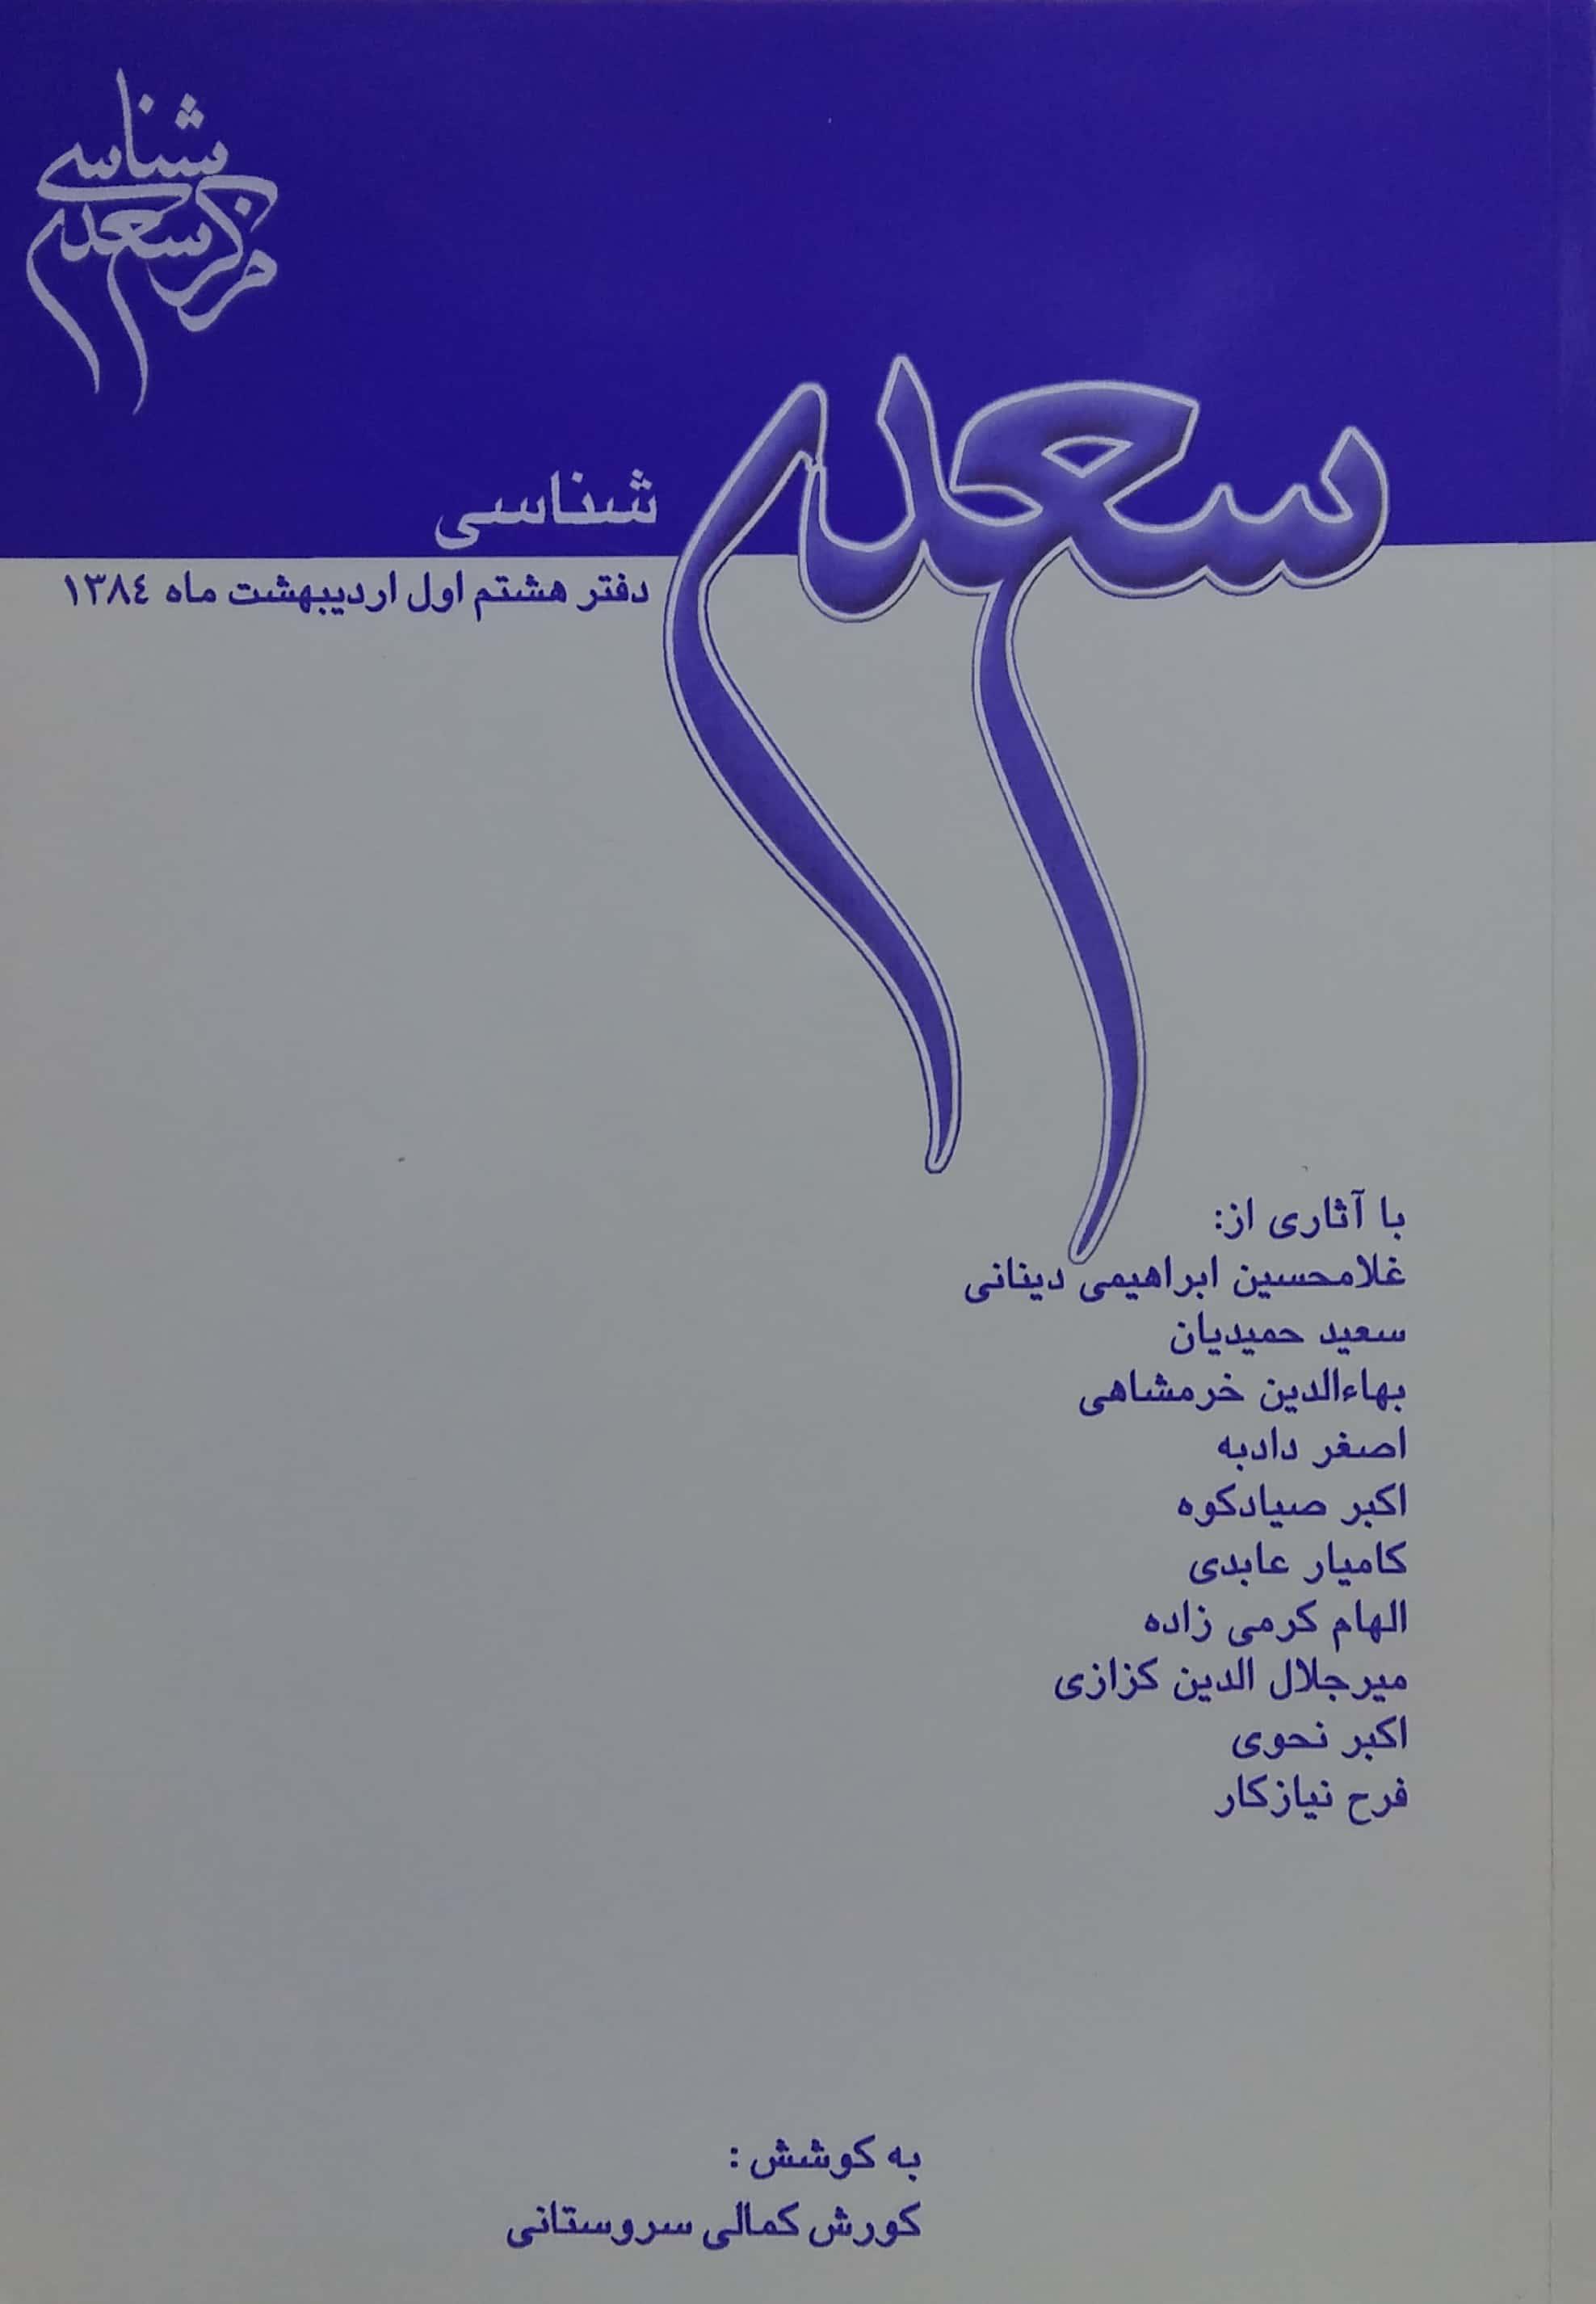 بنياد فارس شناسي سعدی شناسی دفتر هشتم (به کوشش کوروش کمالی سروستانی)